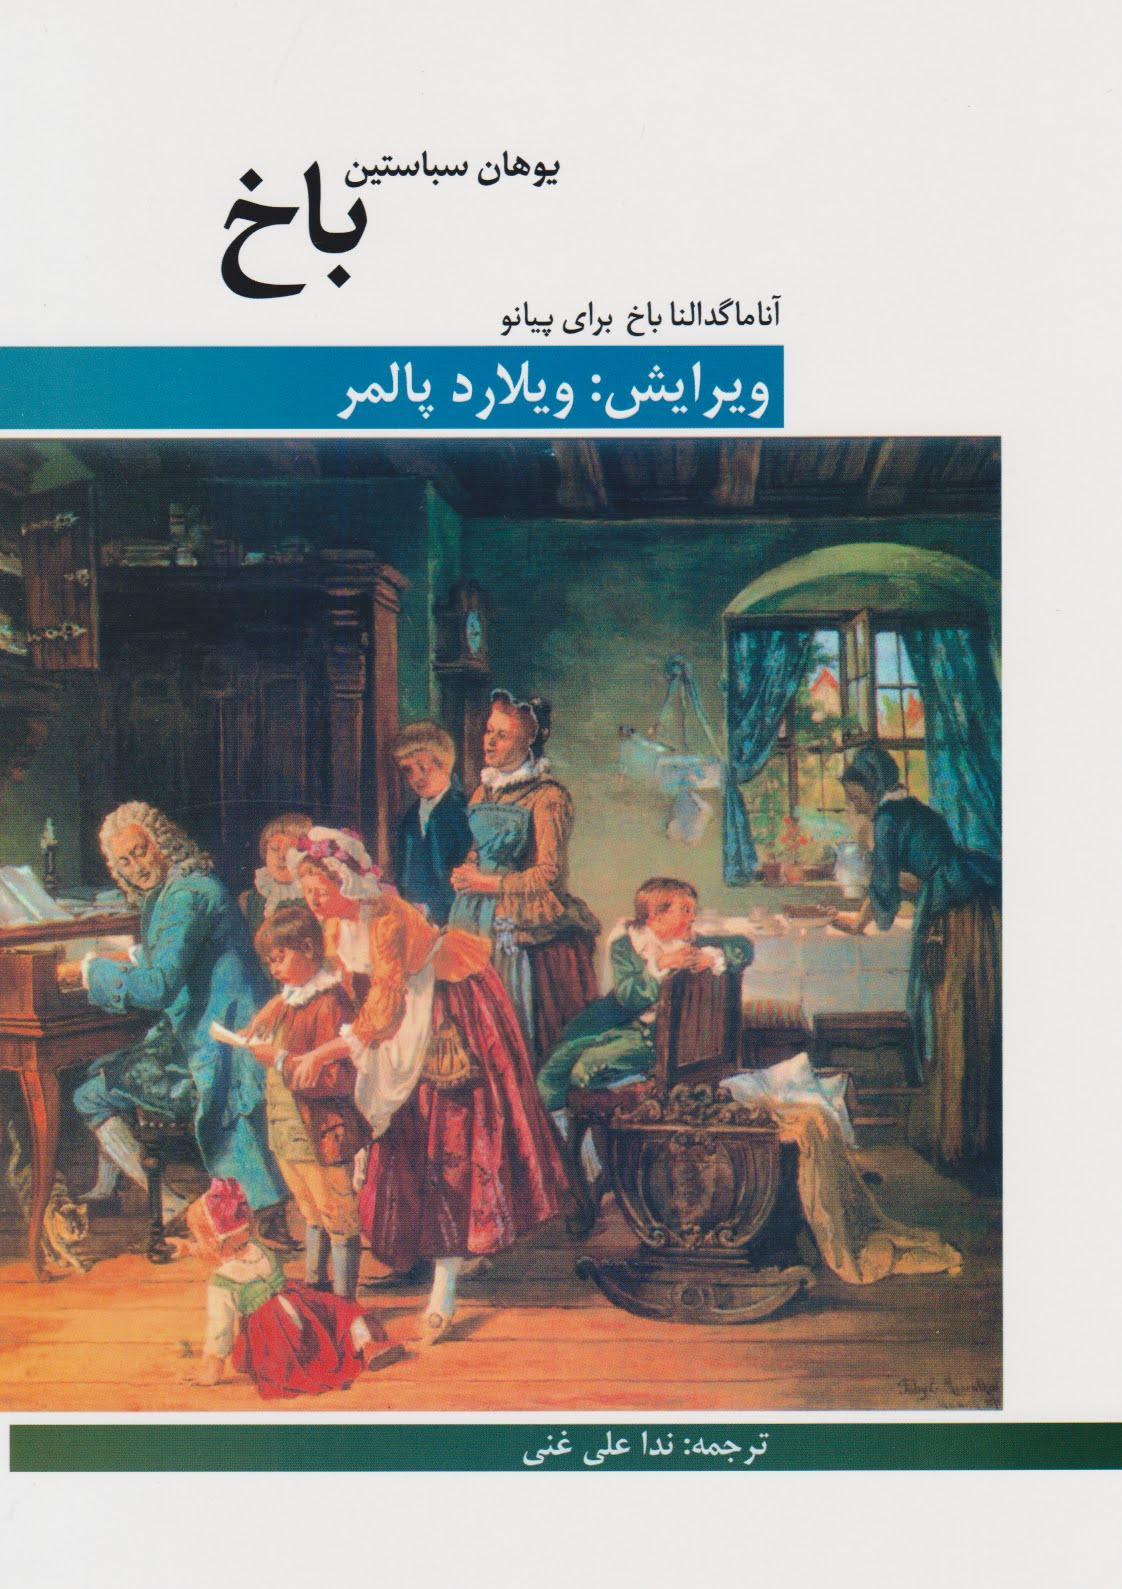 کتاب آناماگدالنا باخ برای پیانو ویلارد پالمر انتشارات هنر و فرهنگ